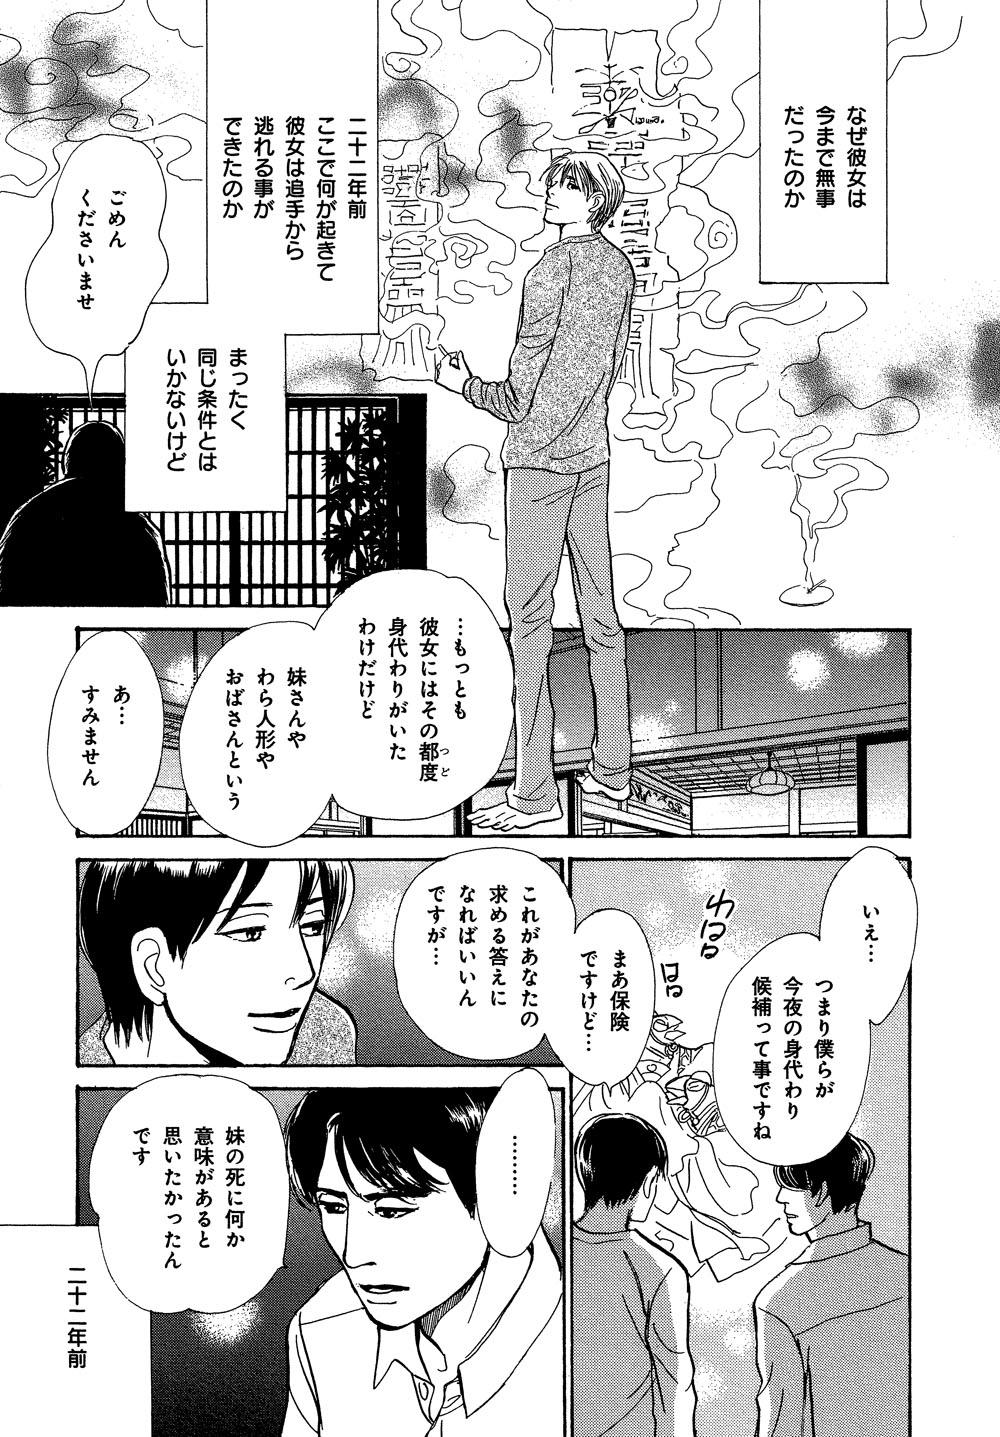 hyakki_0020_0045.jpg